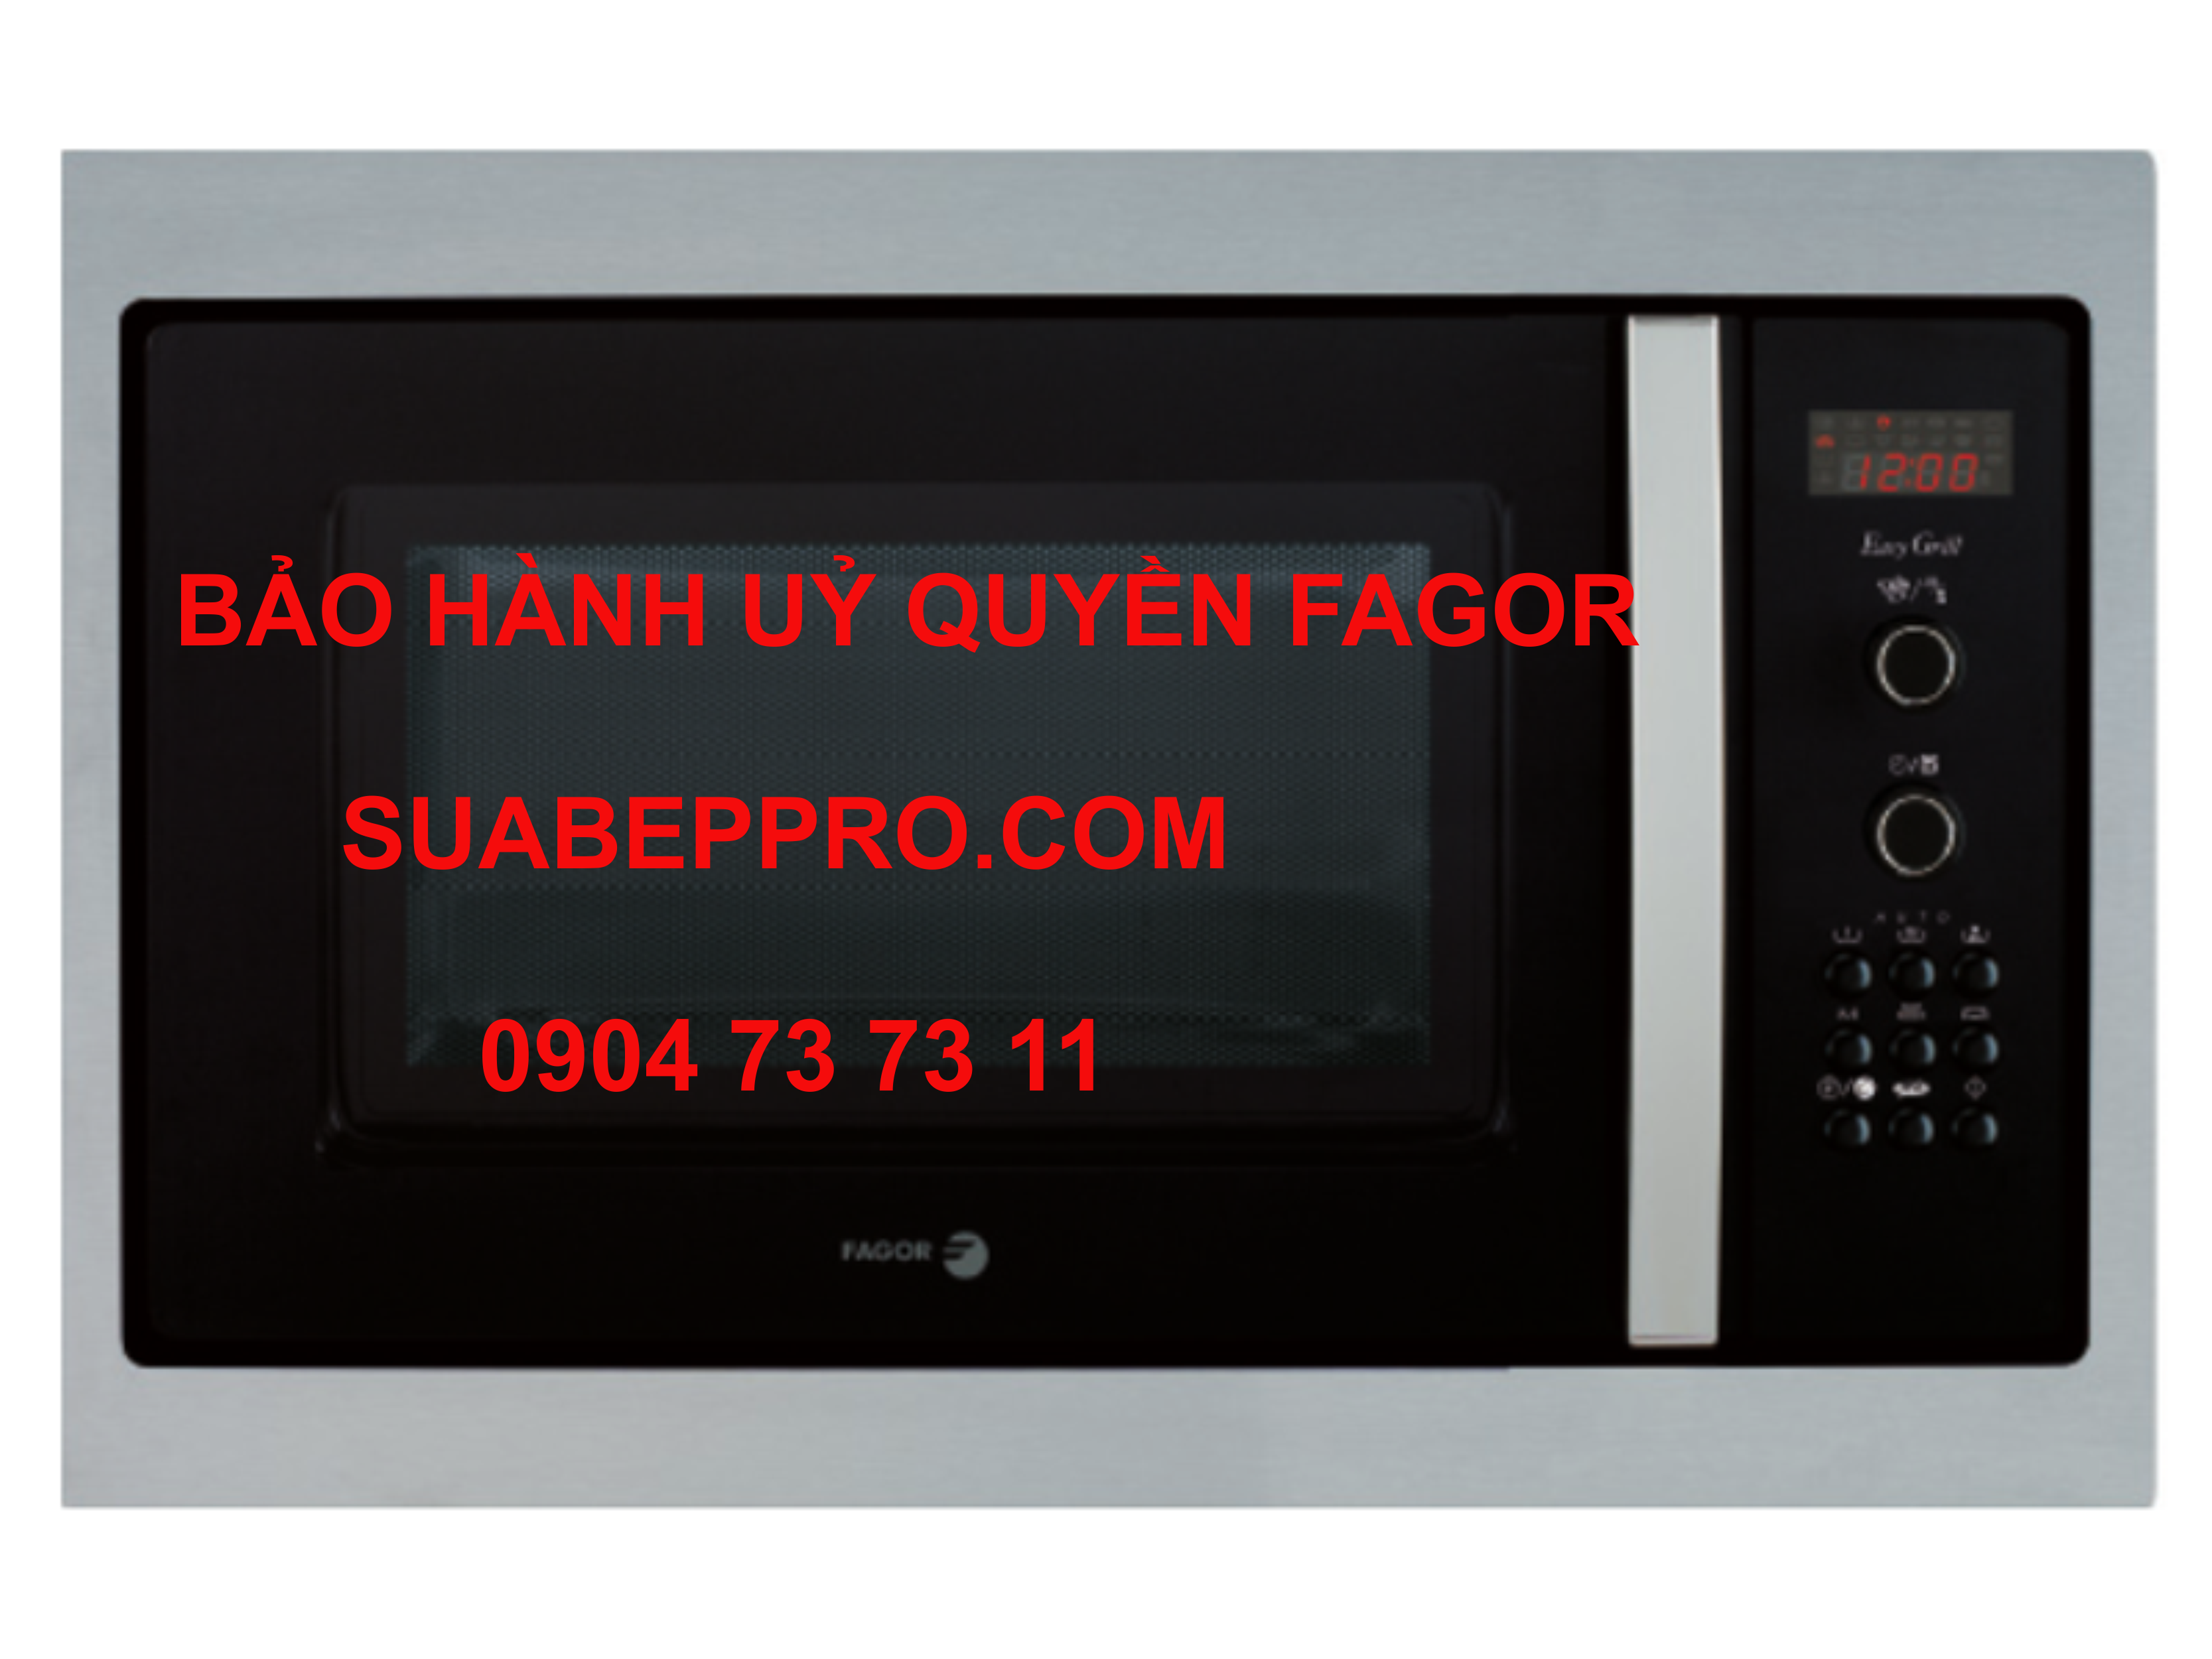 Sửa lò vi sóng fagor chính hãng, bảo hành lò vi sóng FAGOR tại nhà